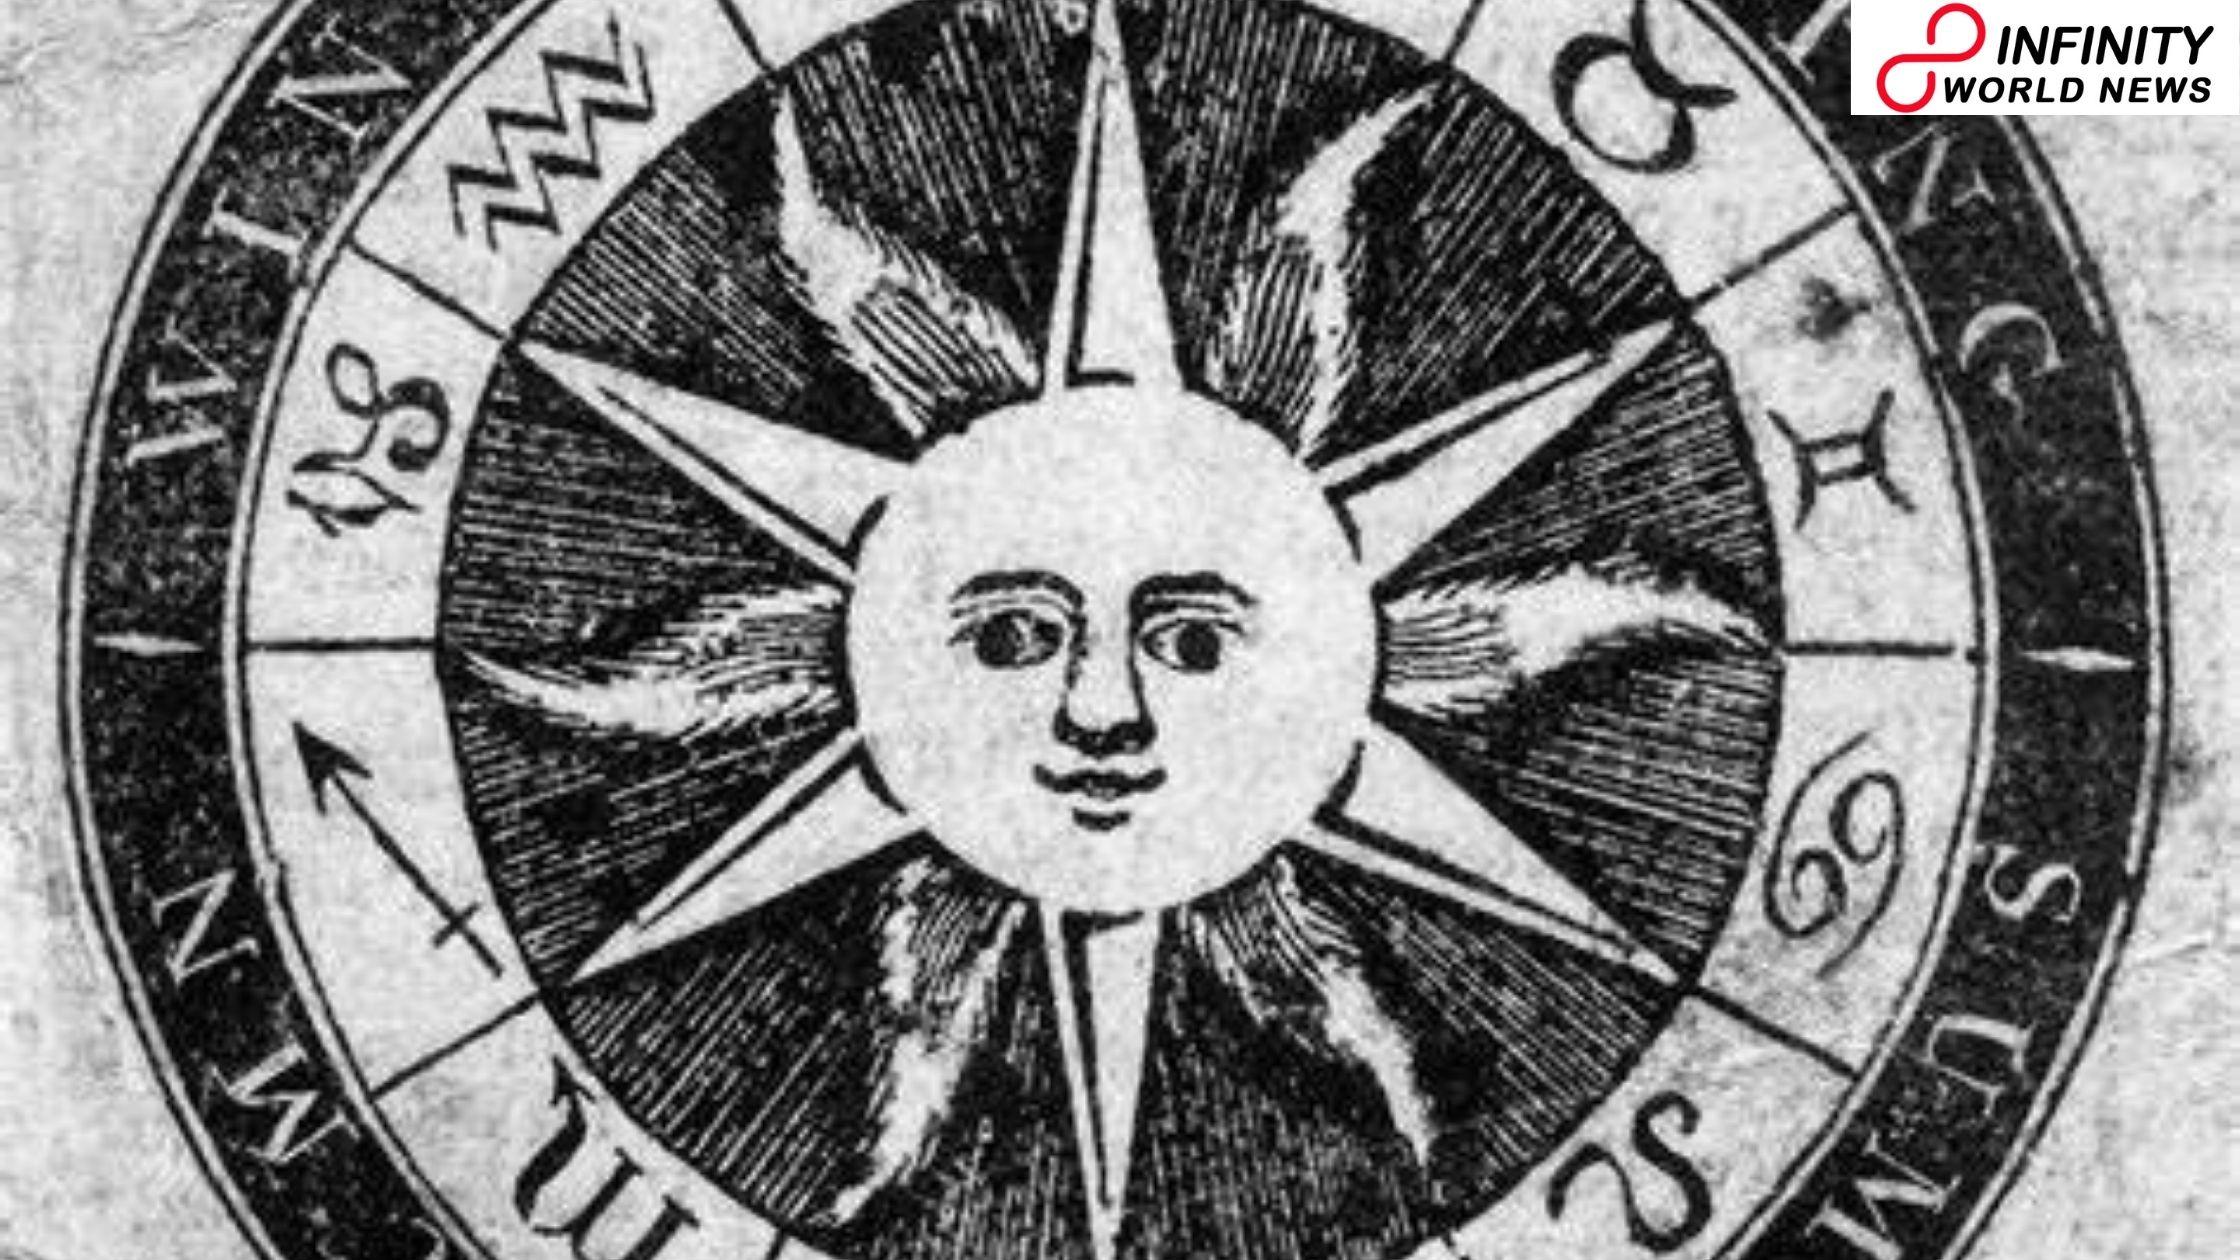 Today Horoscope 27-11-20 _ Daily Horoscope